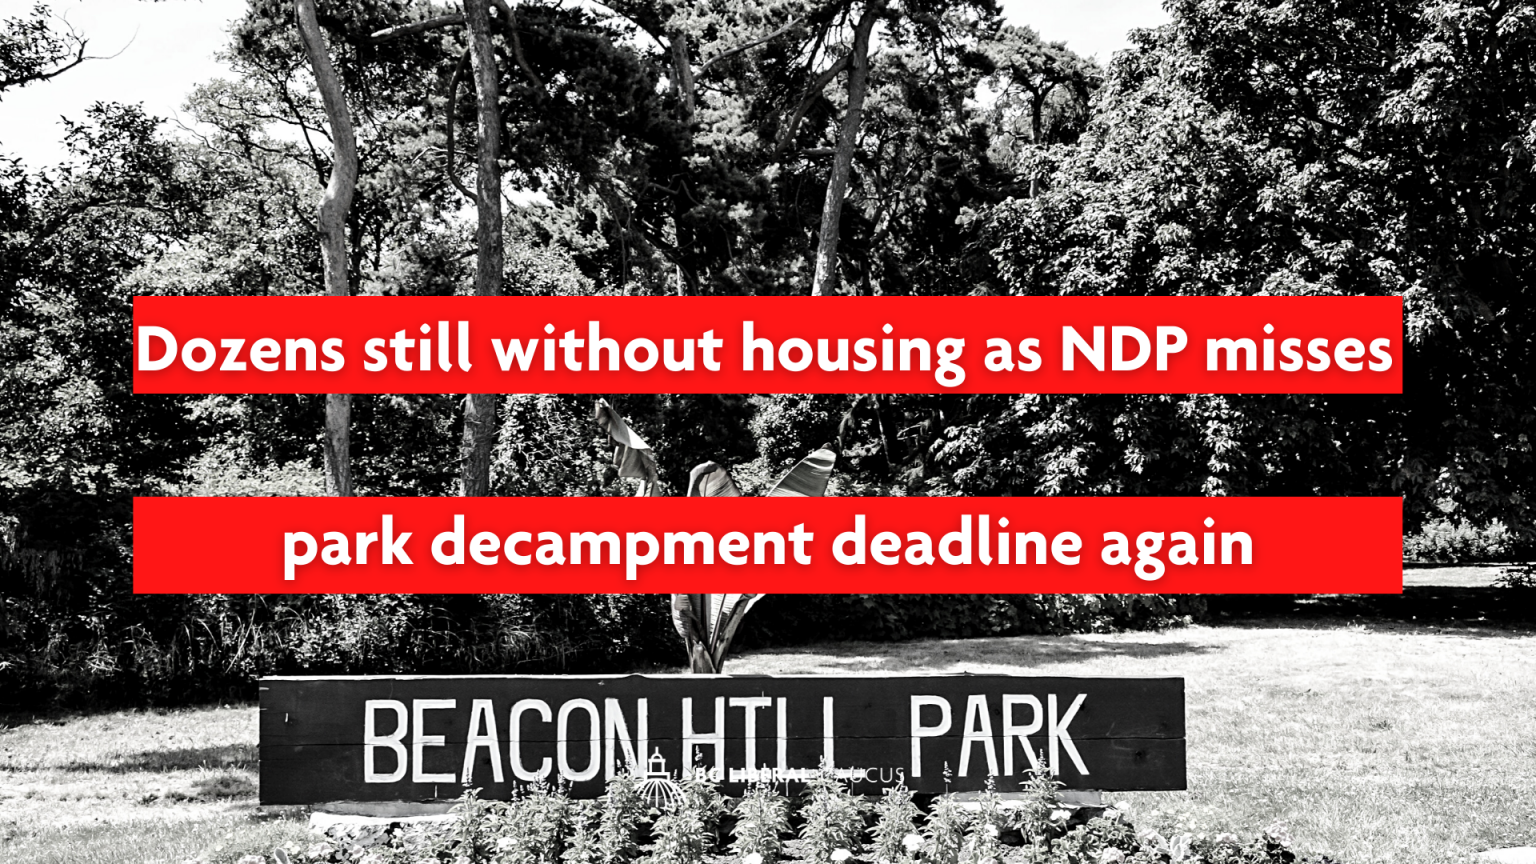 Dozens still without housing as NDP misses park decampment deadline again